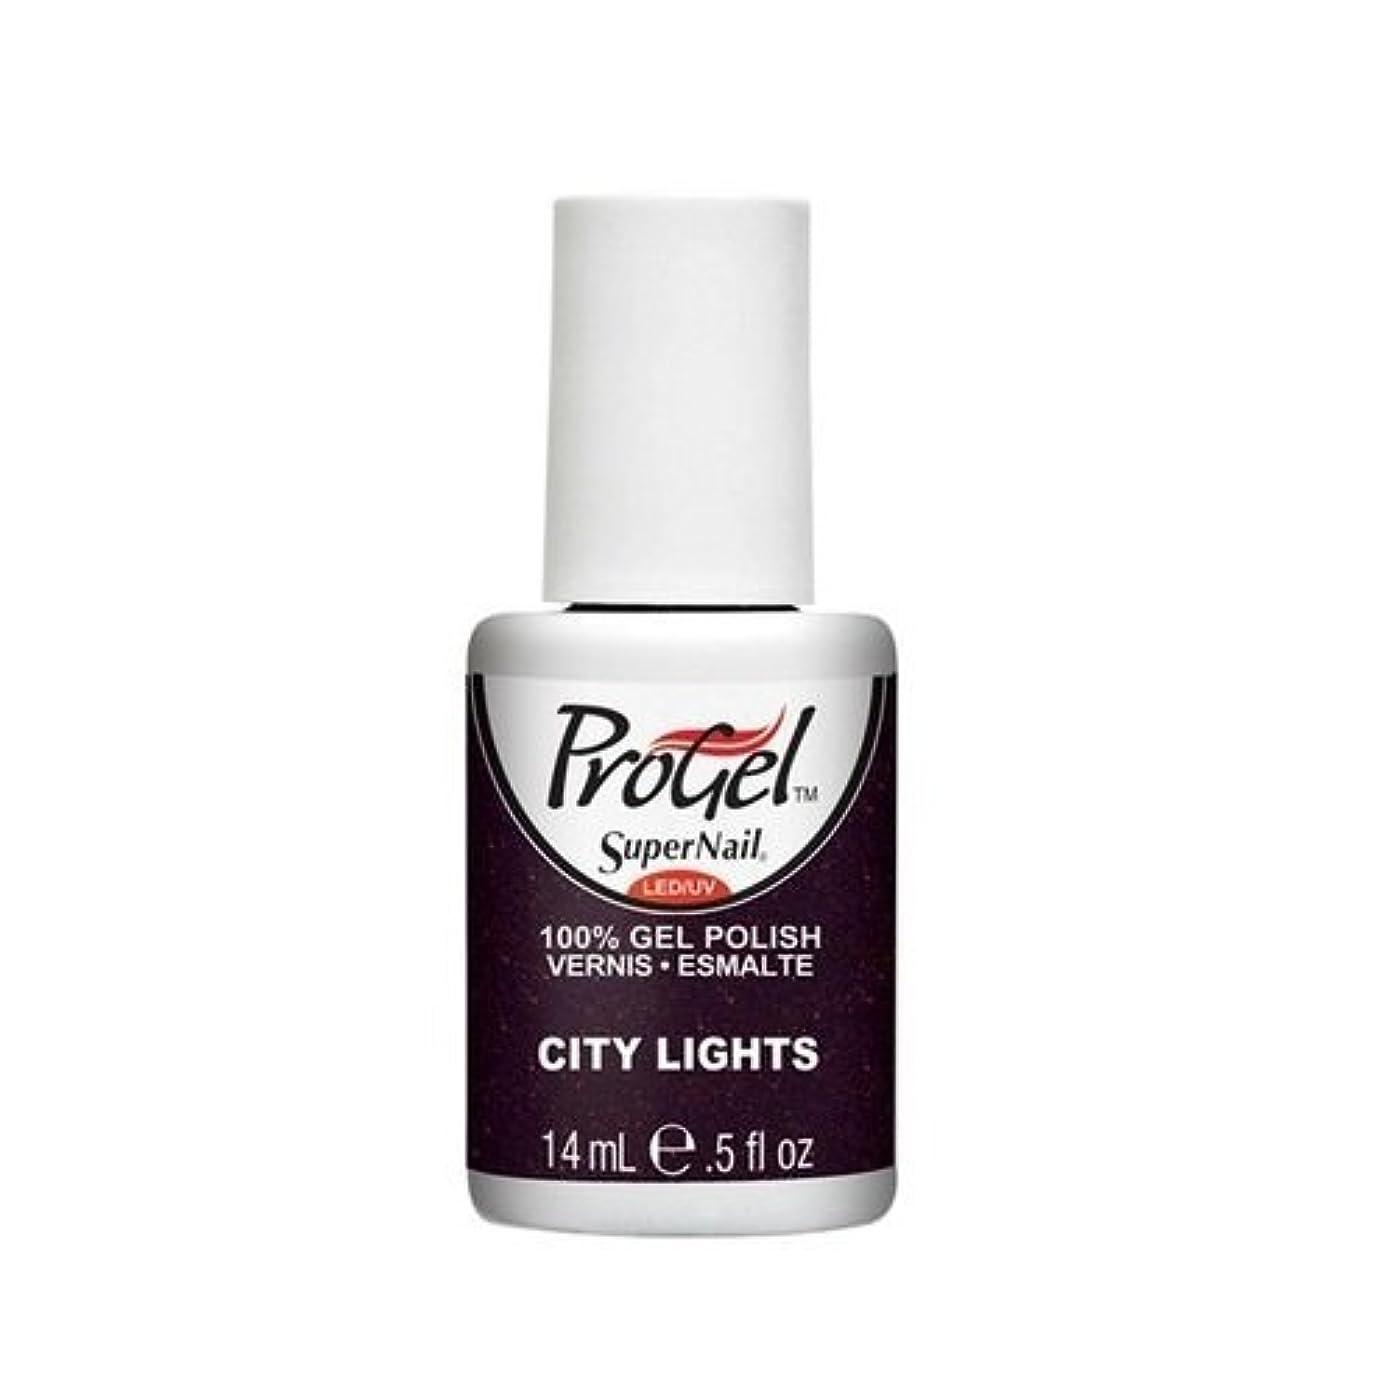 ハシー崇拝します強度SuperNail ProGel Gel Polish - City Lights - 0.5oz / 14ml